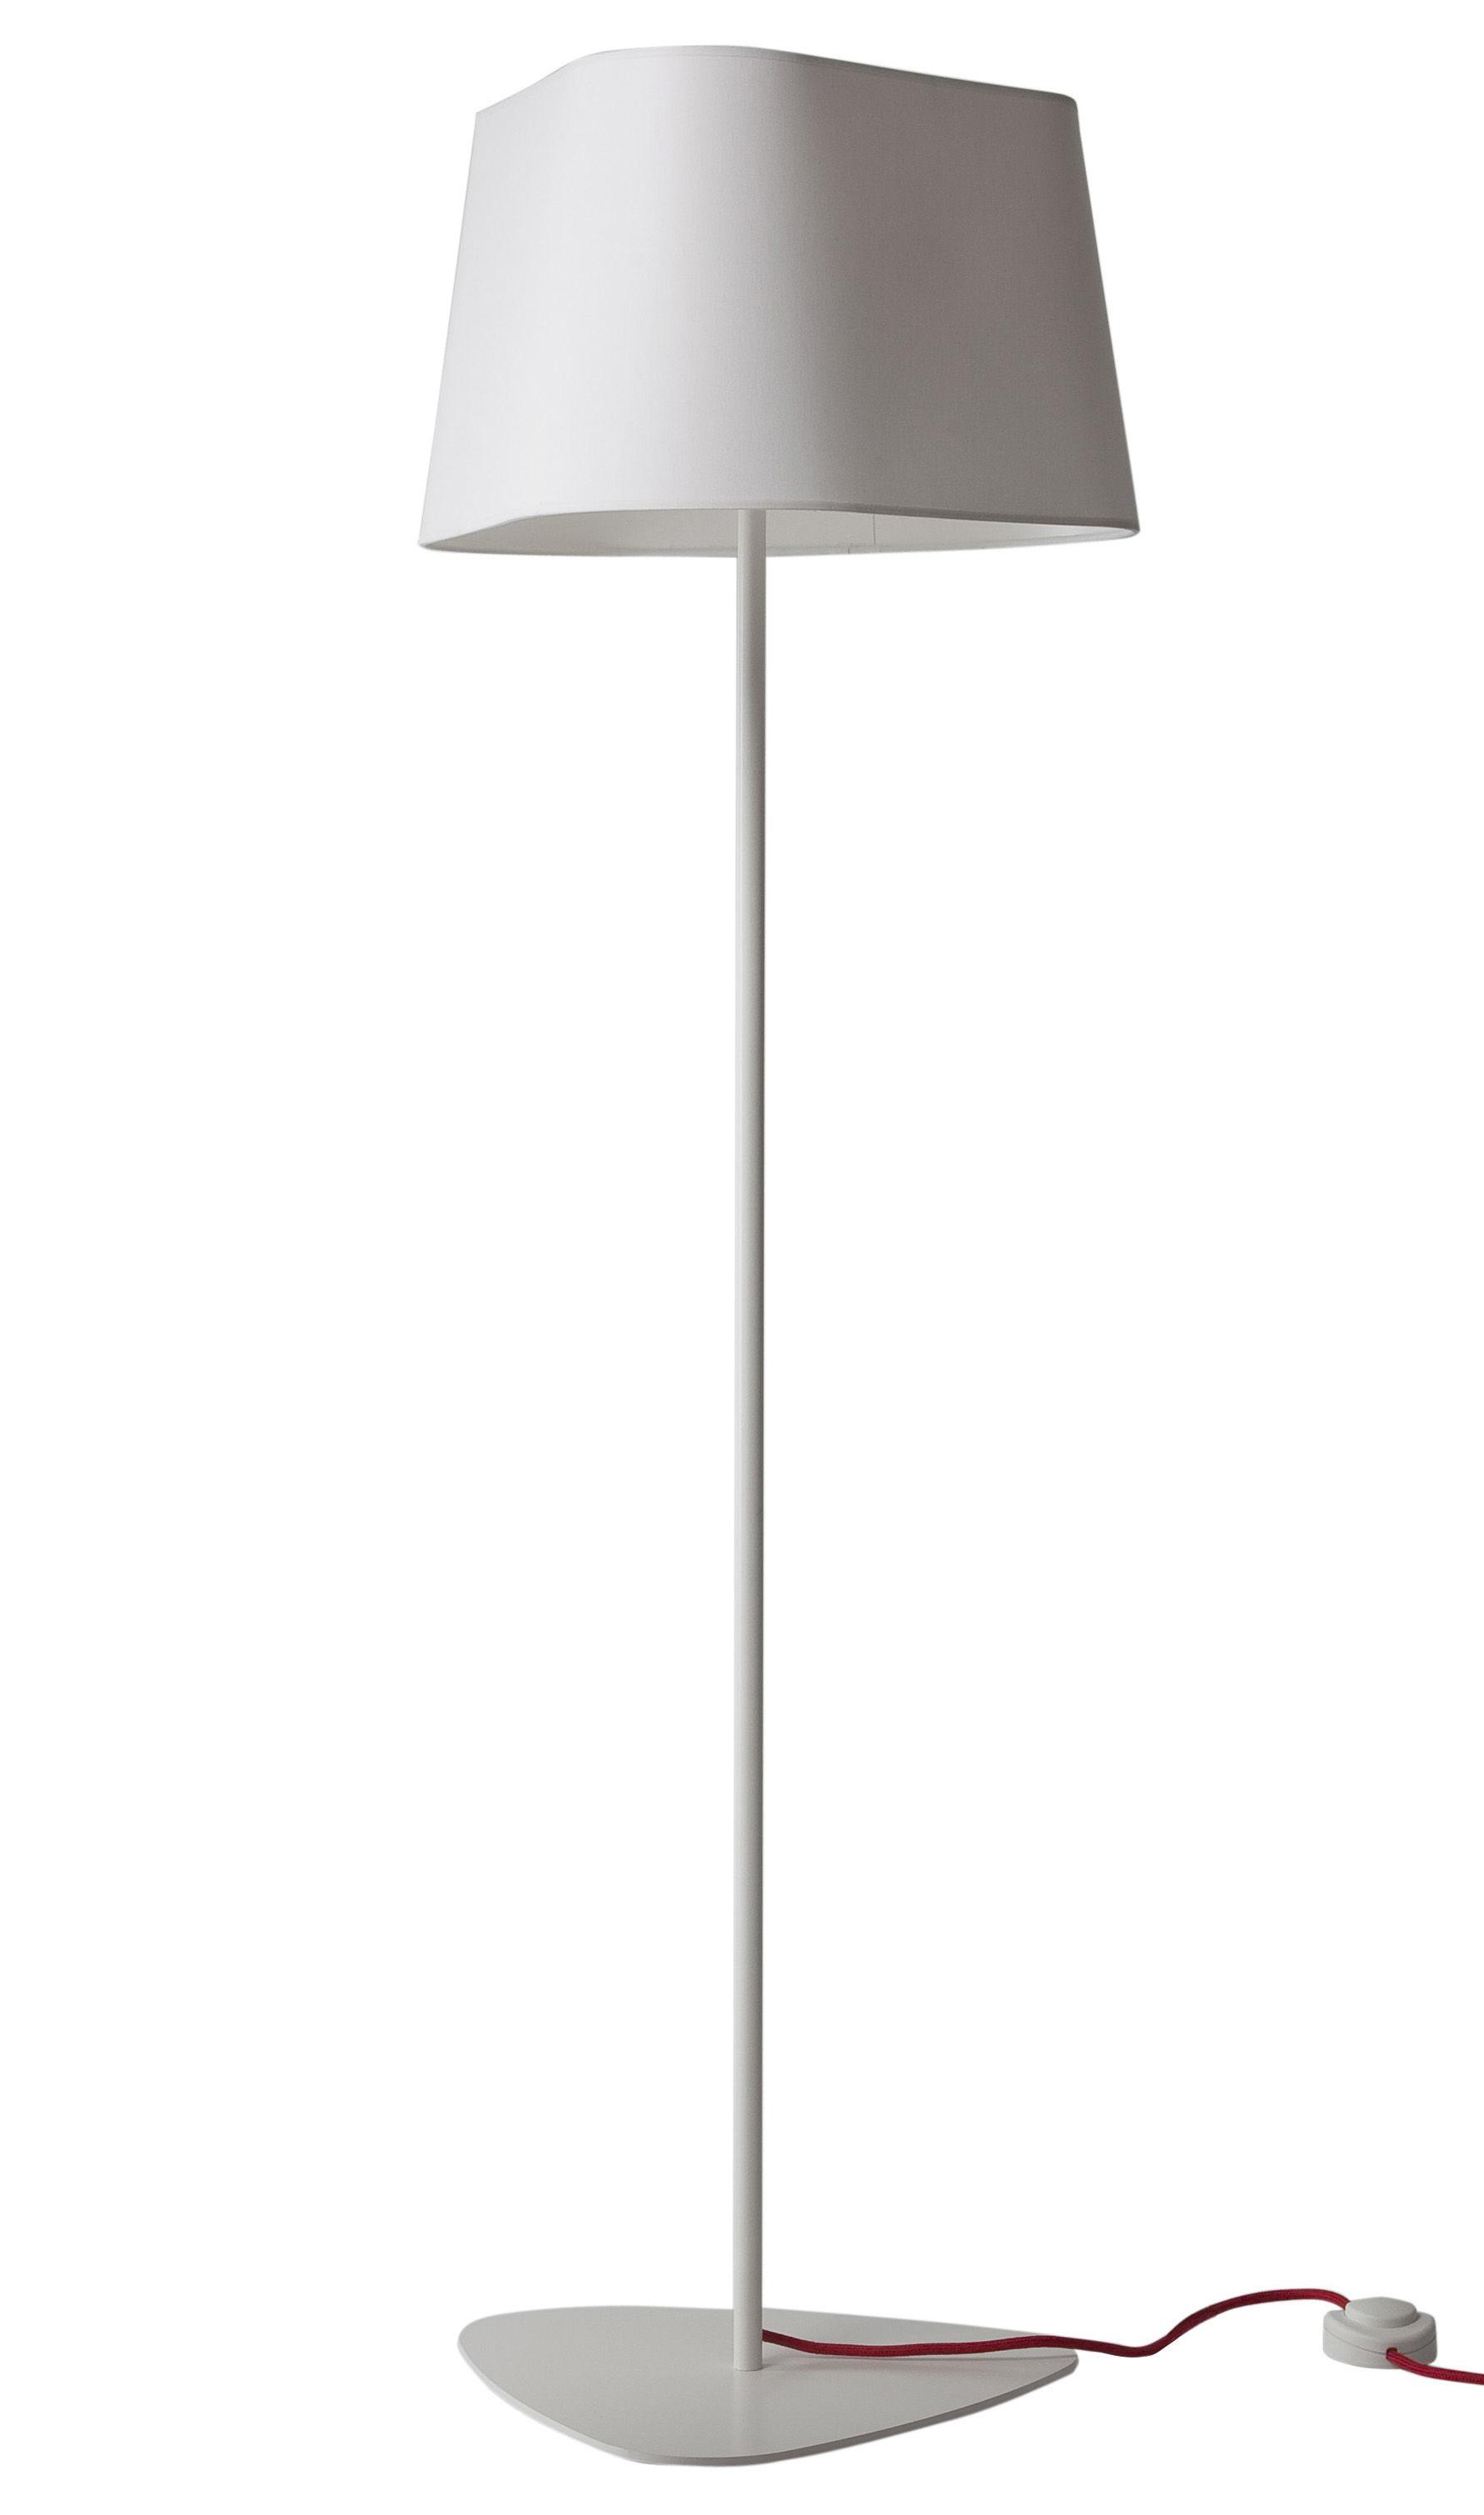 Illuminazione - Lampade da terra - Lampada a stelo Grand Nuage XL di Designheure - A 162 cm - Bianco tessuto percalina - Acciaio laccato, Cotone percalle